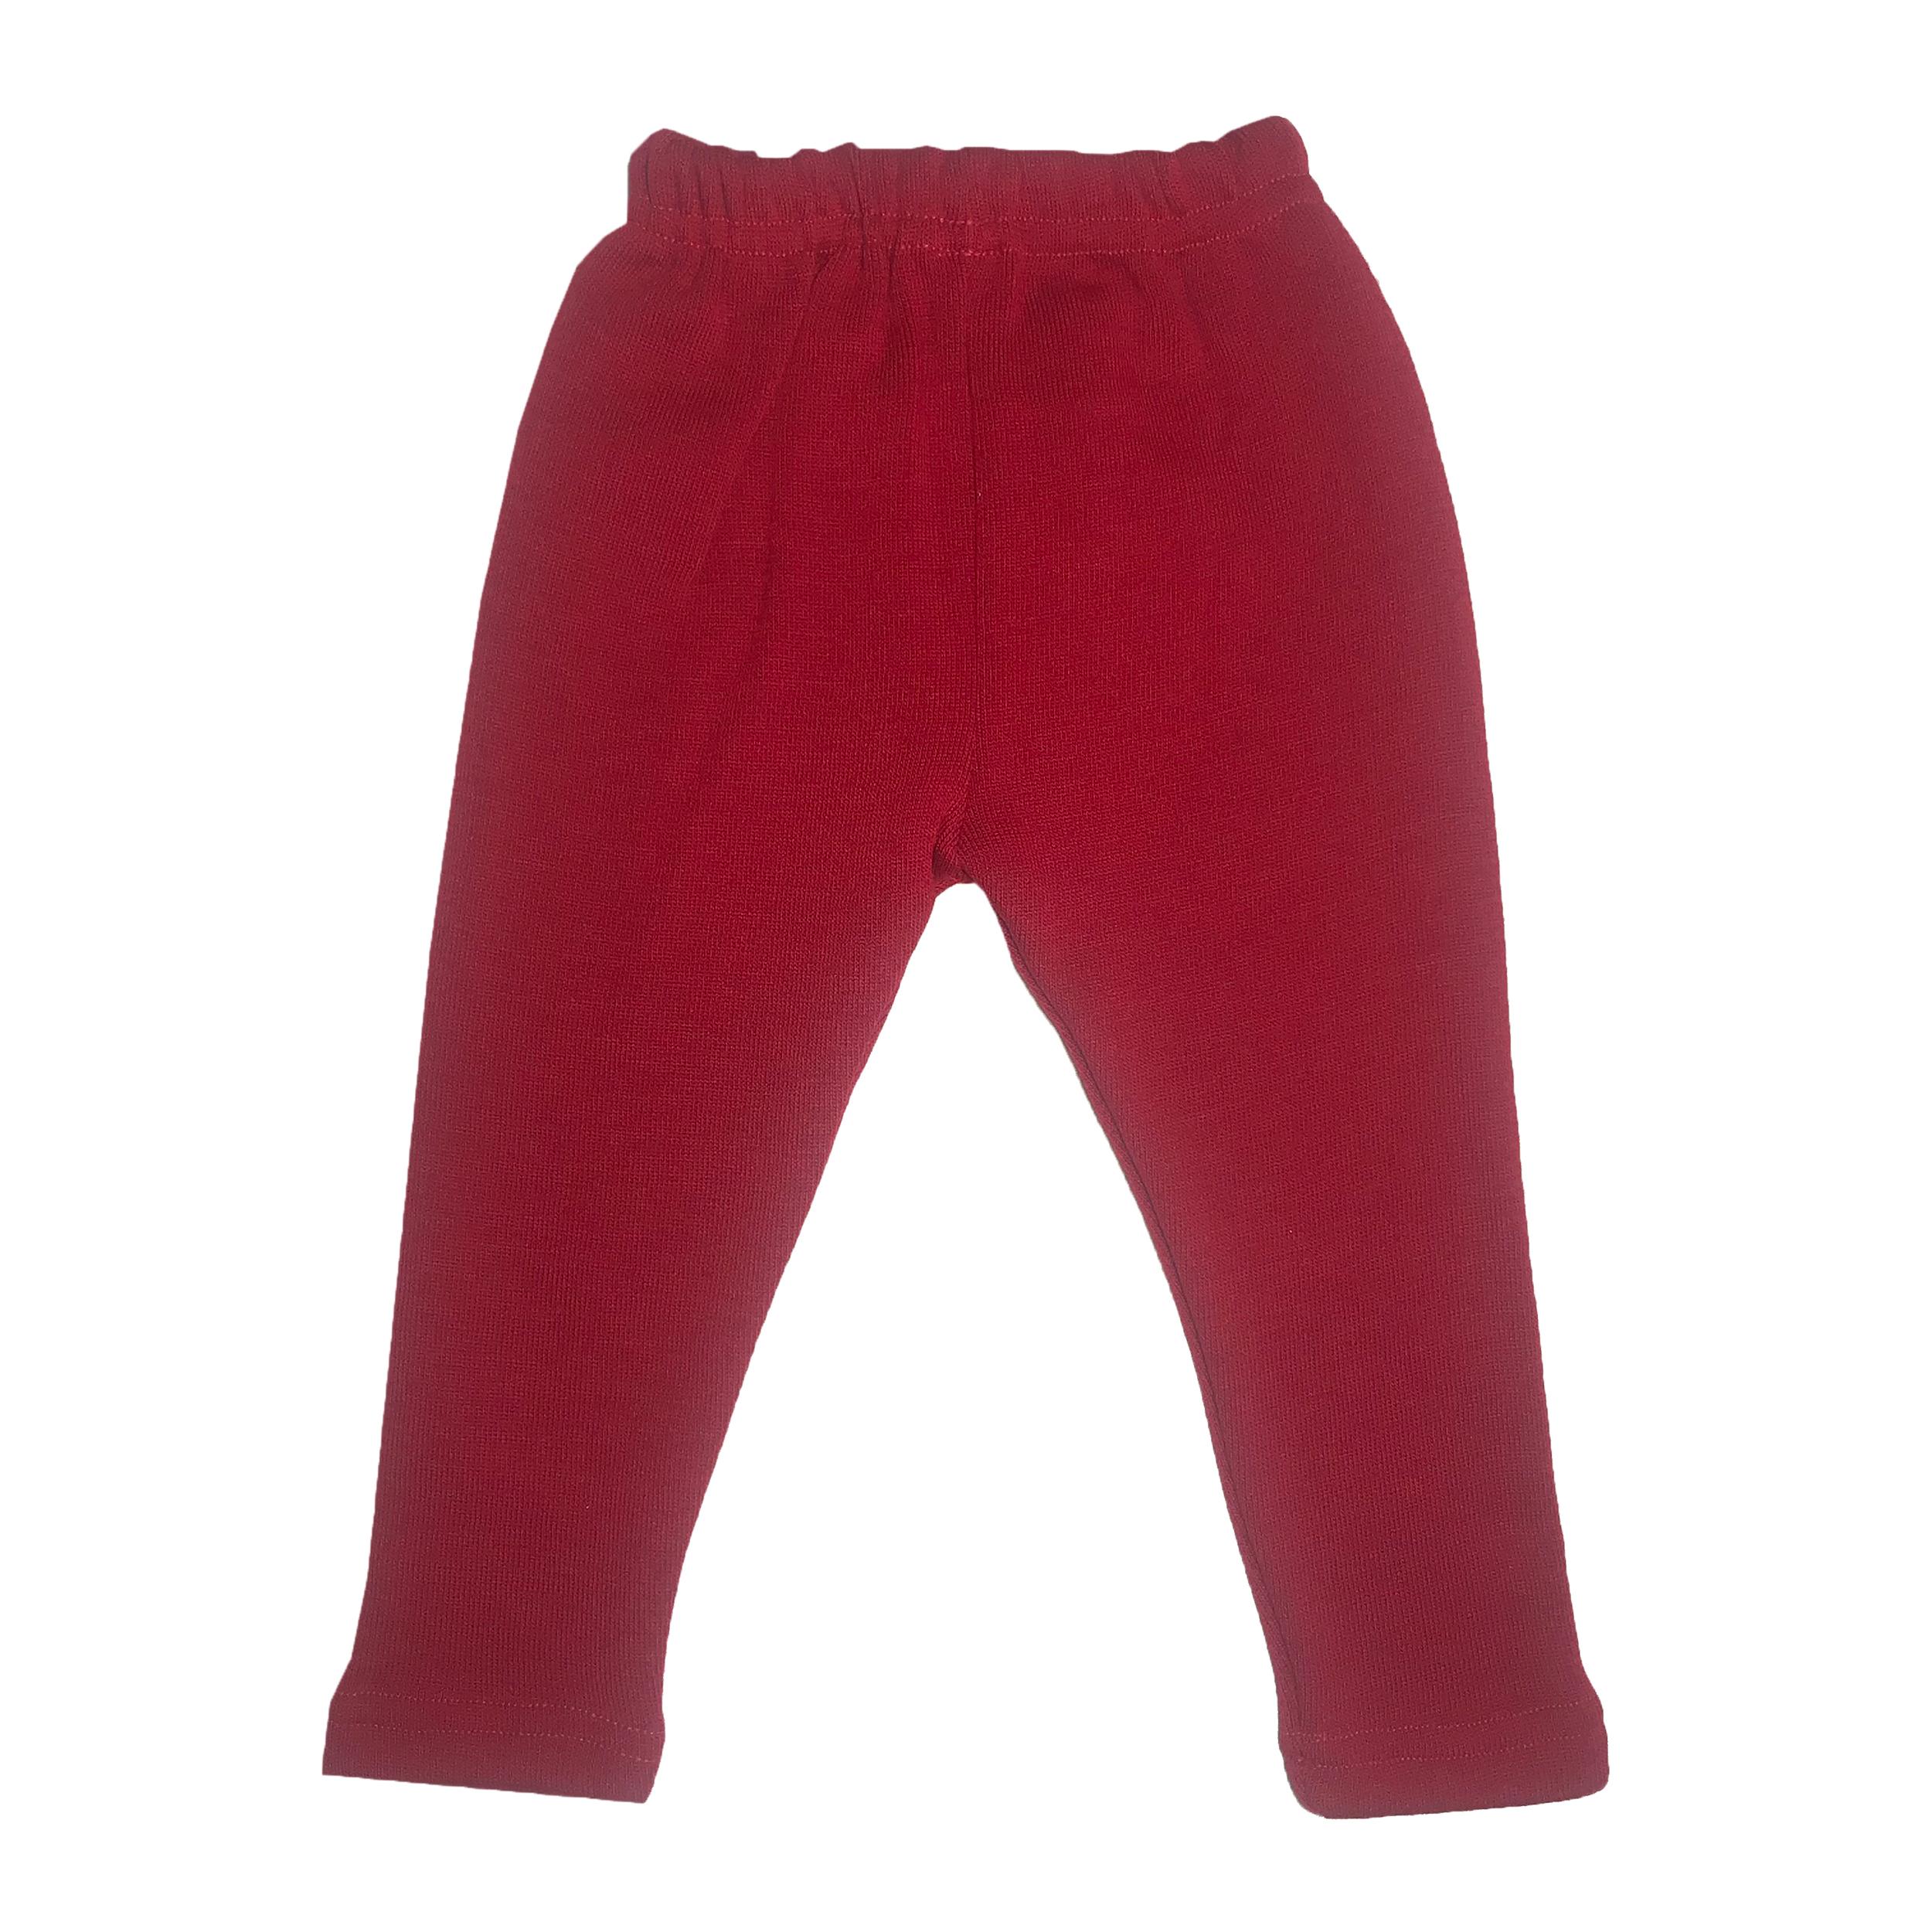 شلوار بچگانه کد Tr-101 رنگ قرمز